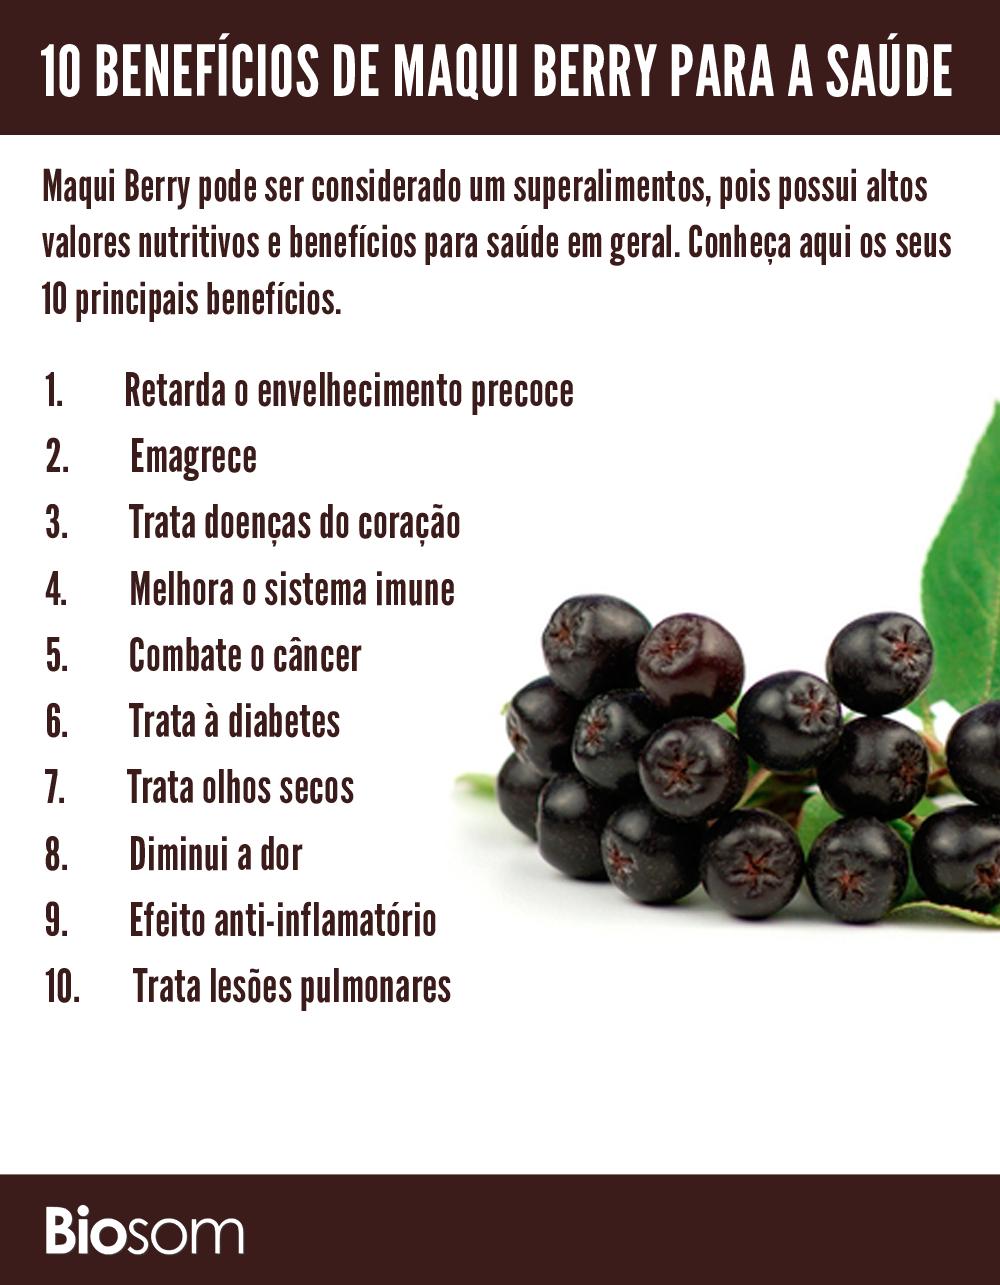 acbf24a7e2 Clique na imagem e veja mais sobre os 10 Benefícios Incríveis de Maqui  Berry para a